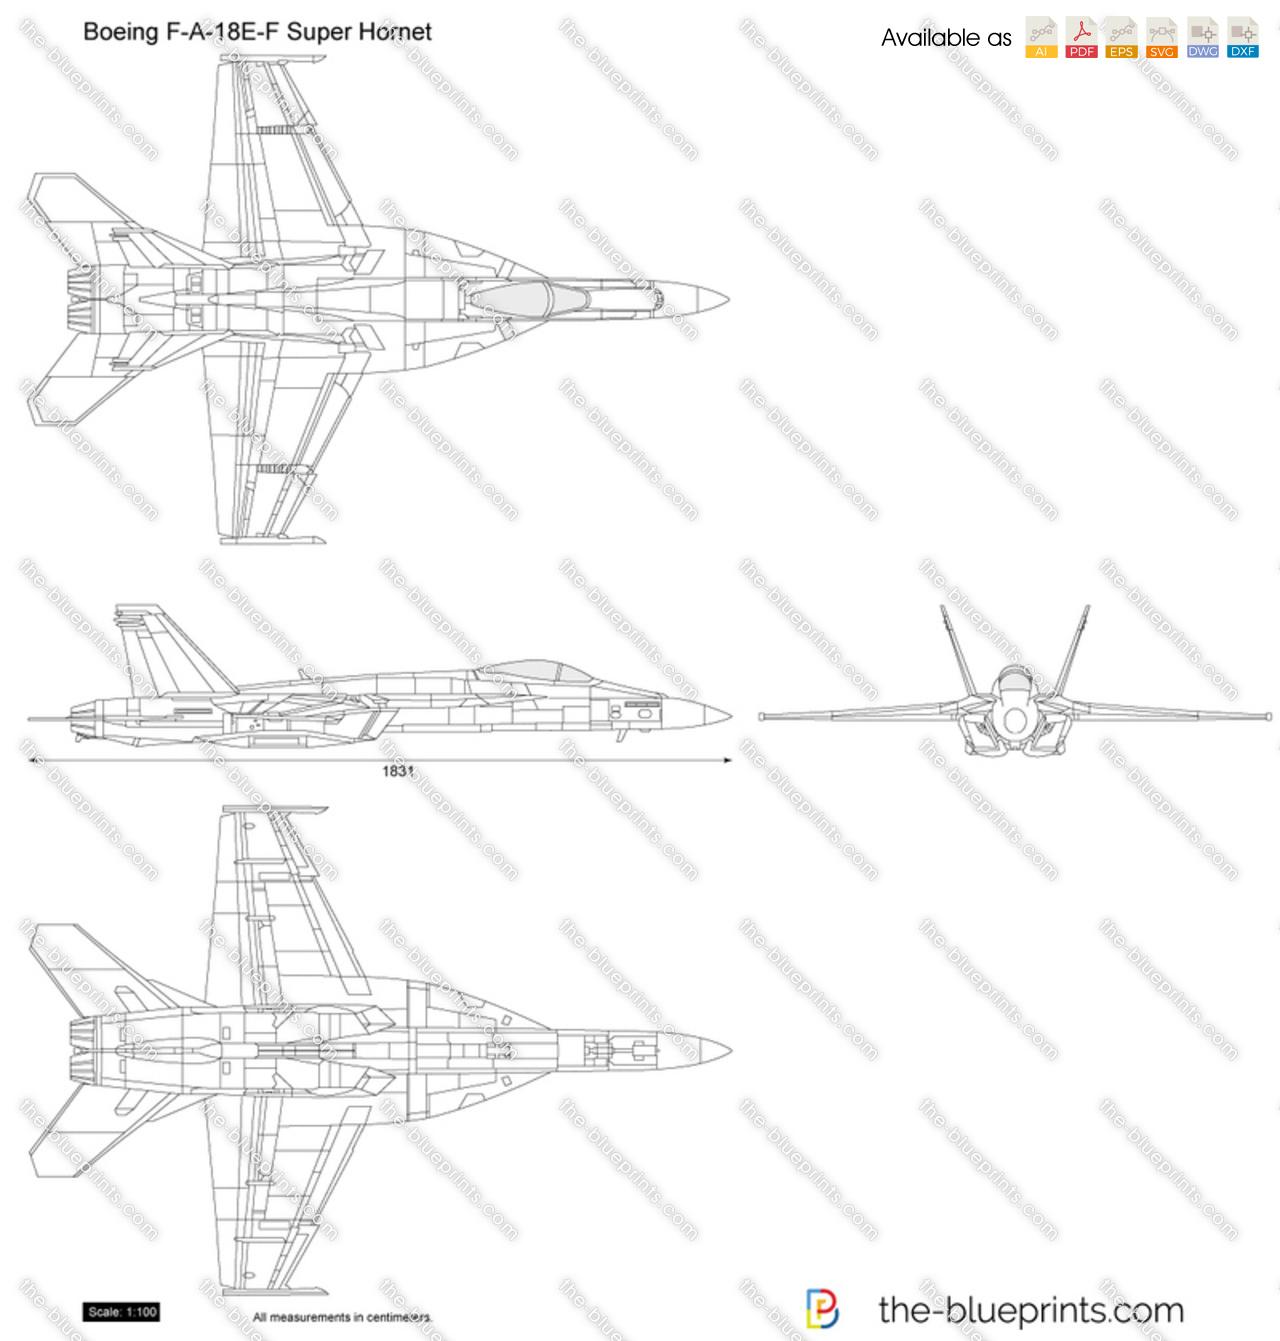 Boeing F-A-18E-F Super Hornet